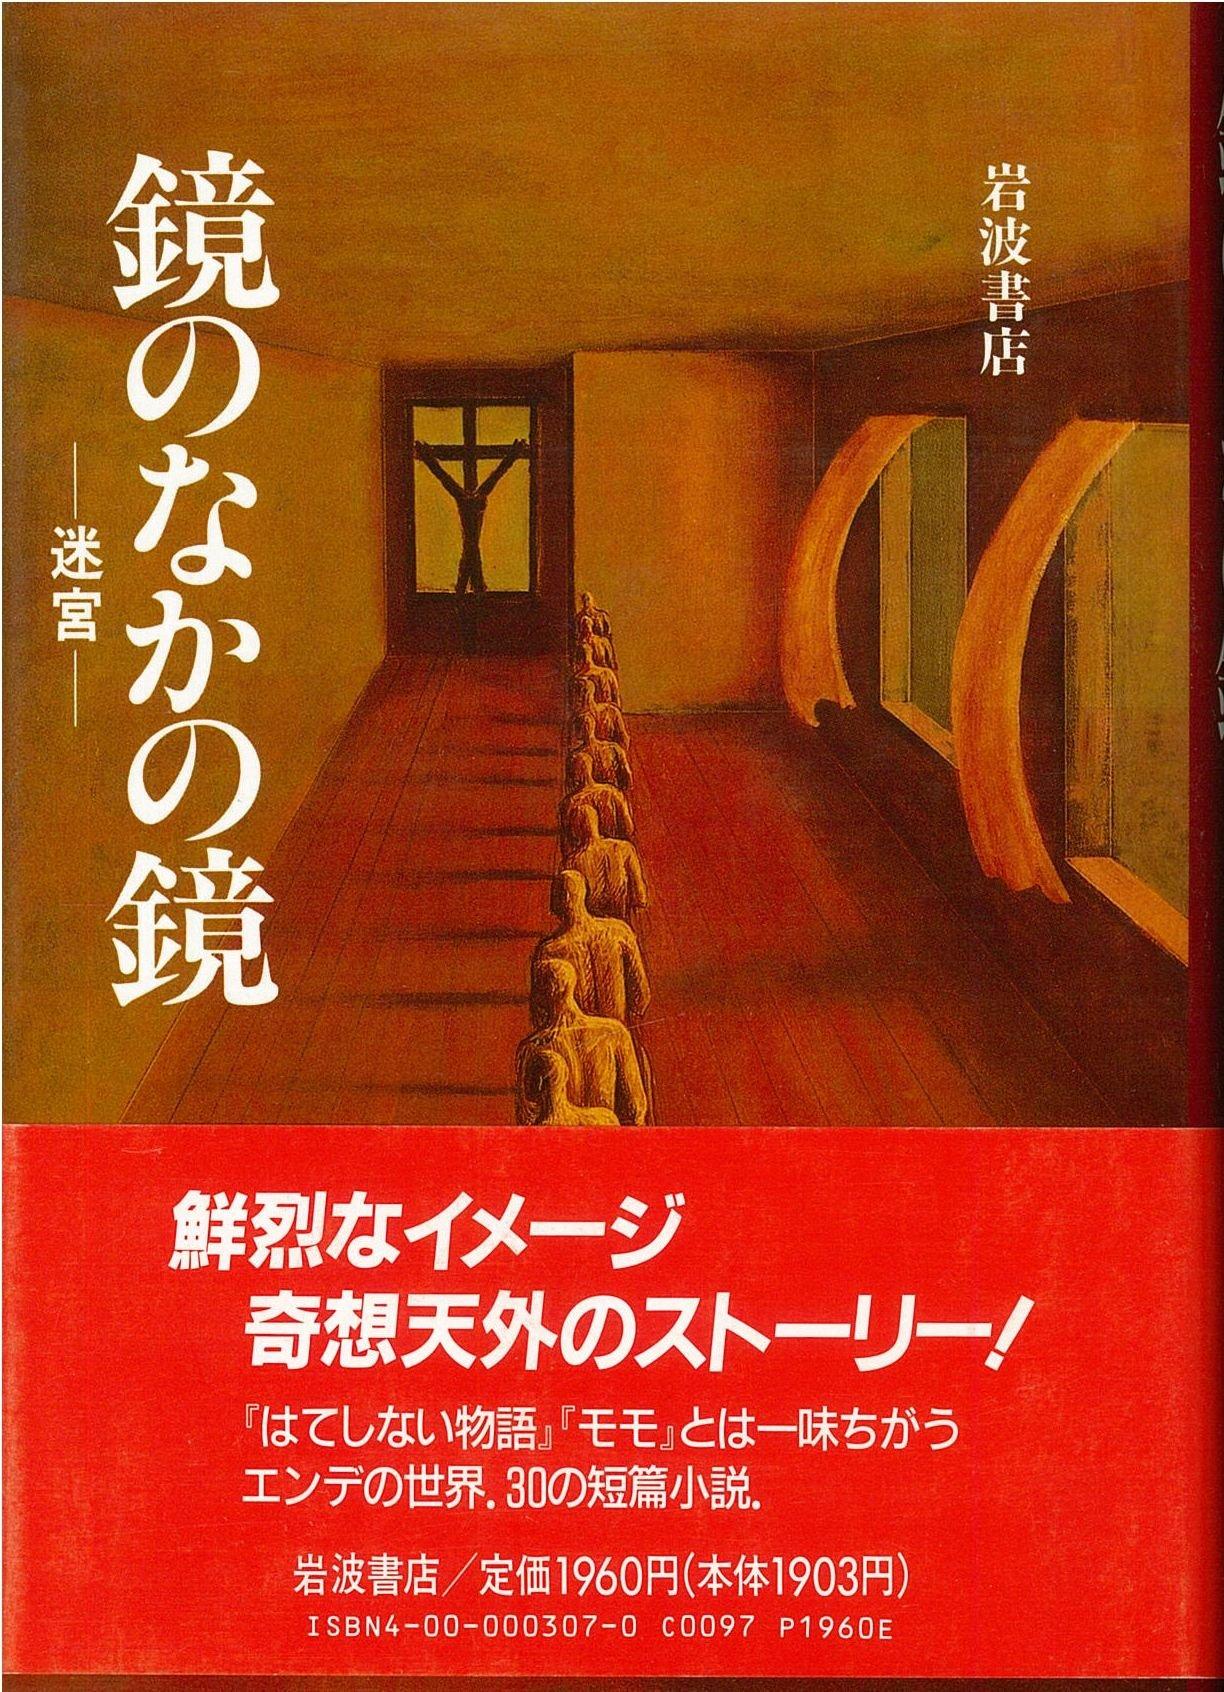 Amazon.co.jp: 鏡のなかの鏡―迷宮: ミヒャエル・エンデ, エトガル ...